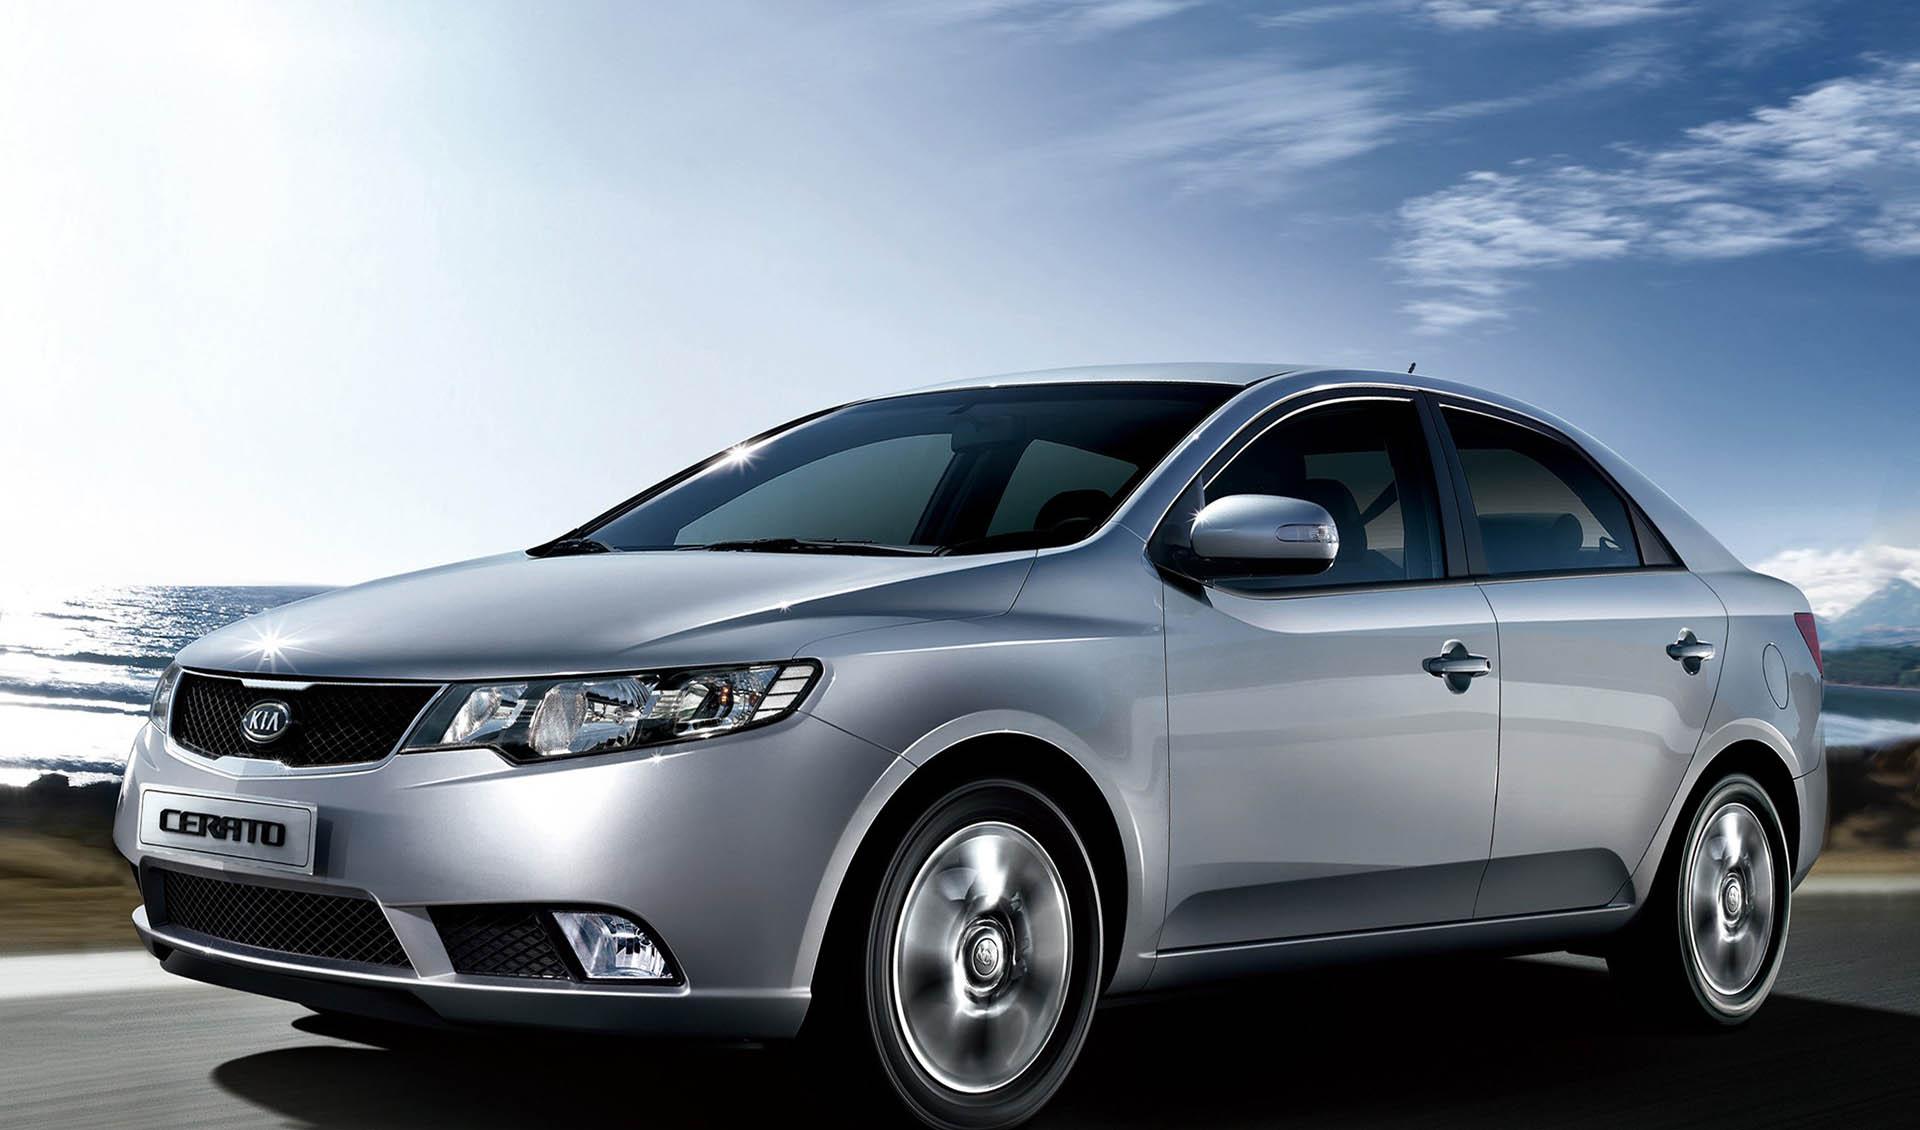 تازه ترین قیمت خودروهای وارداتی در بازار